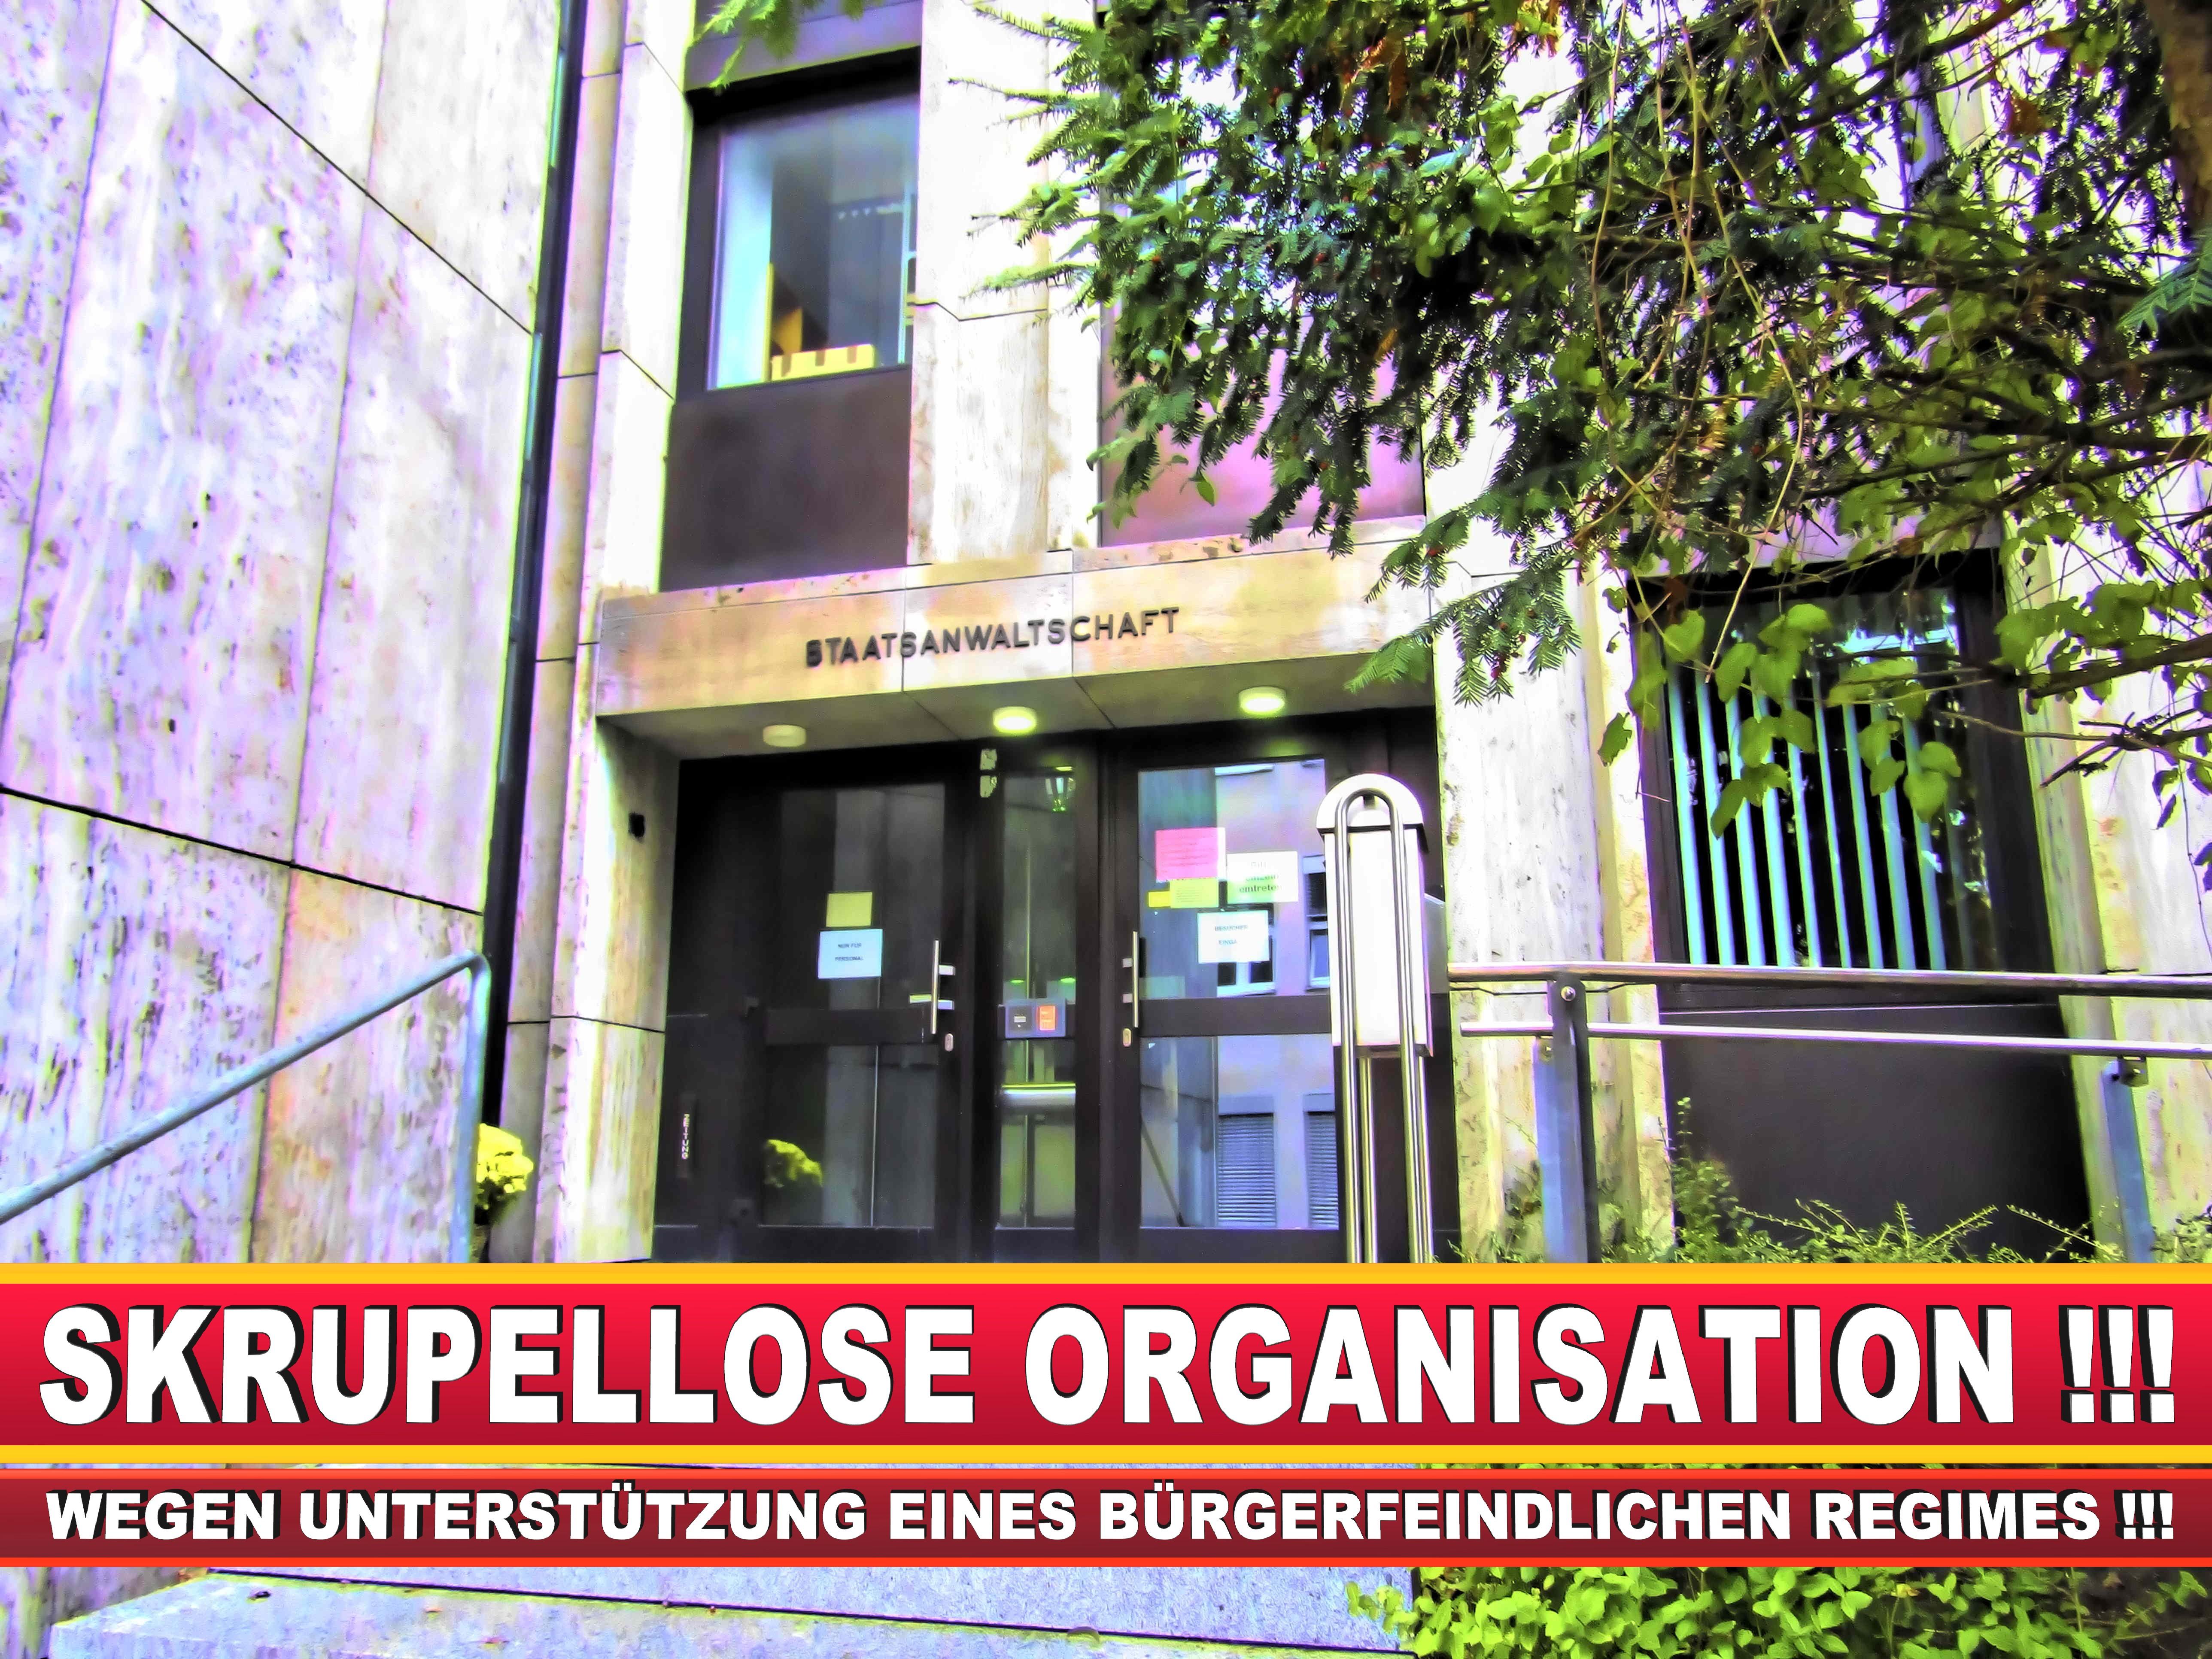 AMTSGERICHT LANDGERICHT STAATSANWALTSCHAFT BIELEFELD BEHöRDEN NRW ARBEITSGERICHT SOZIALGERICHT VERWALTUNGSGERICHT (6)